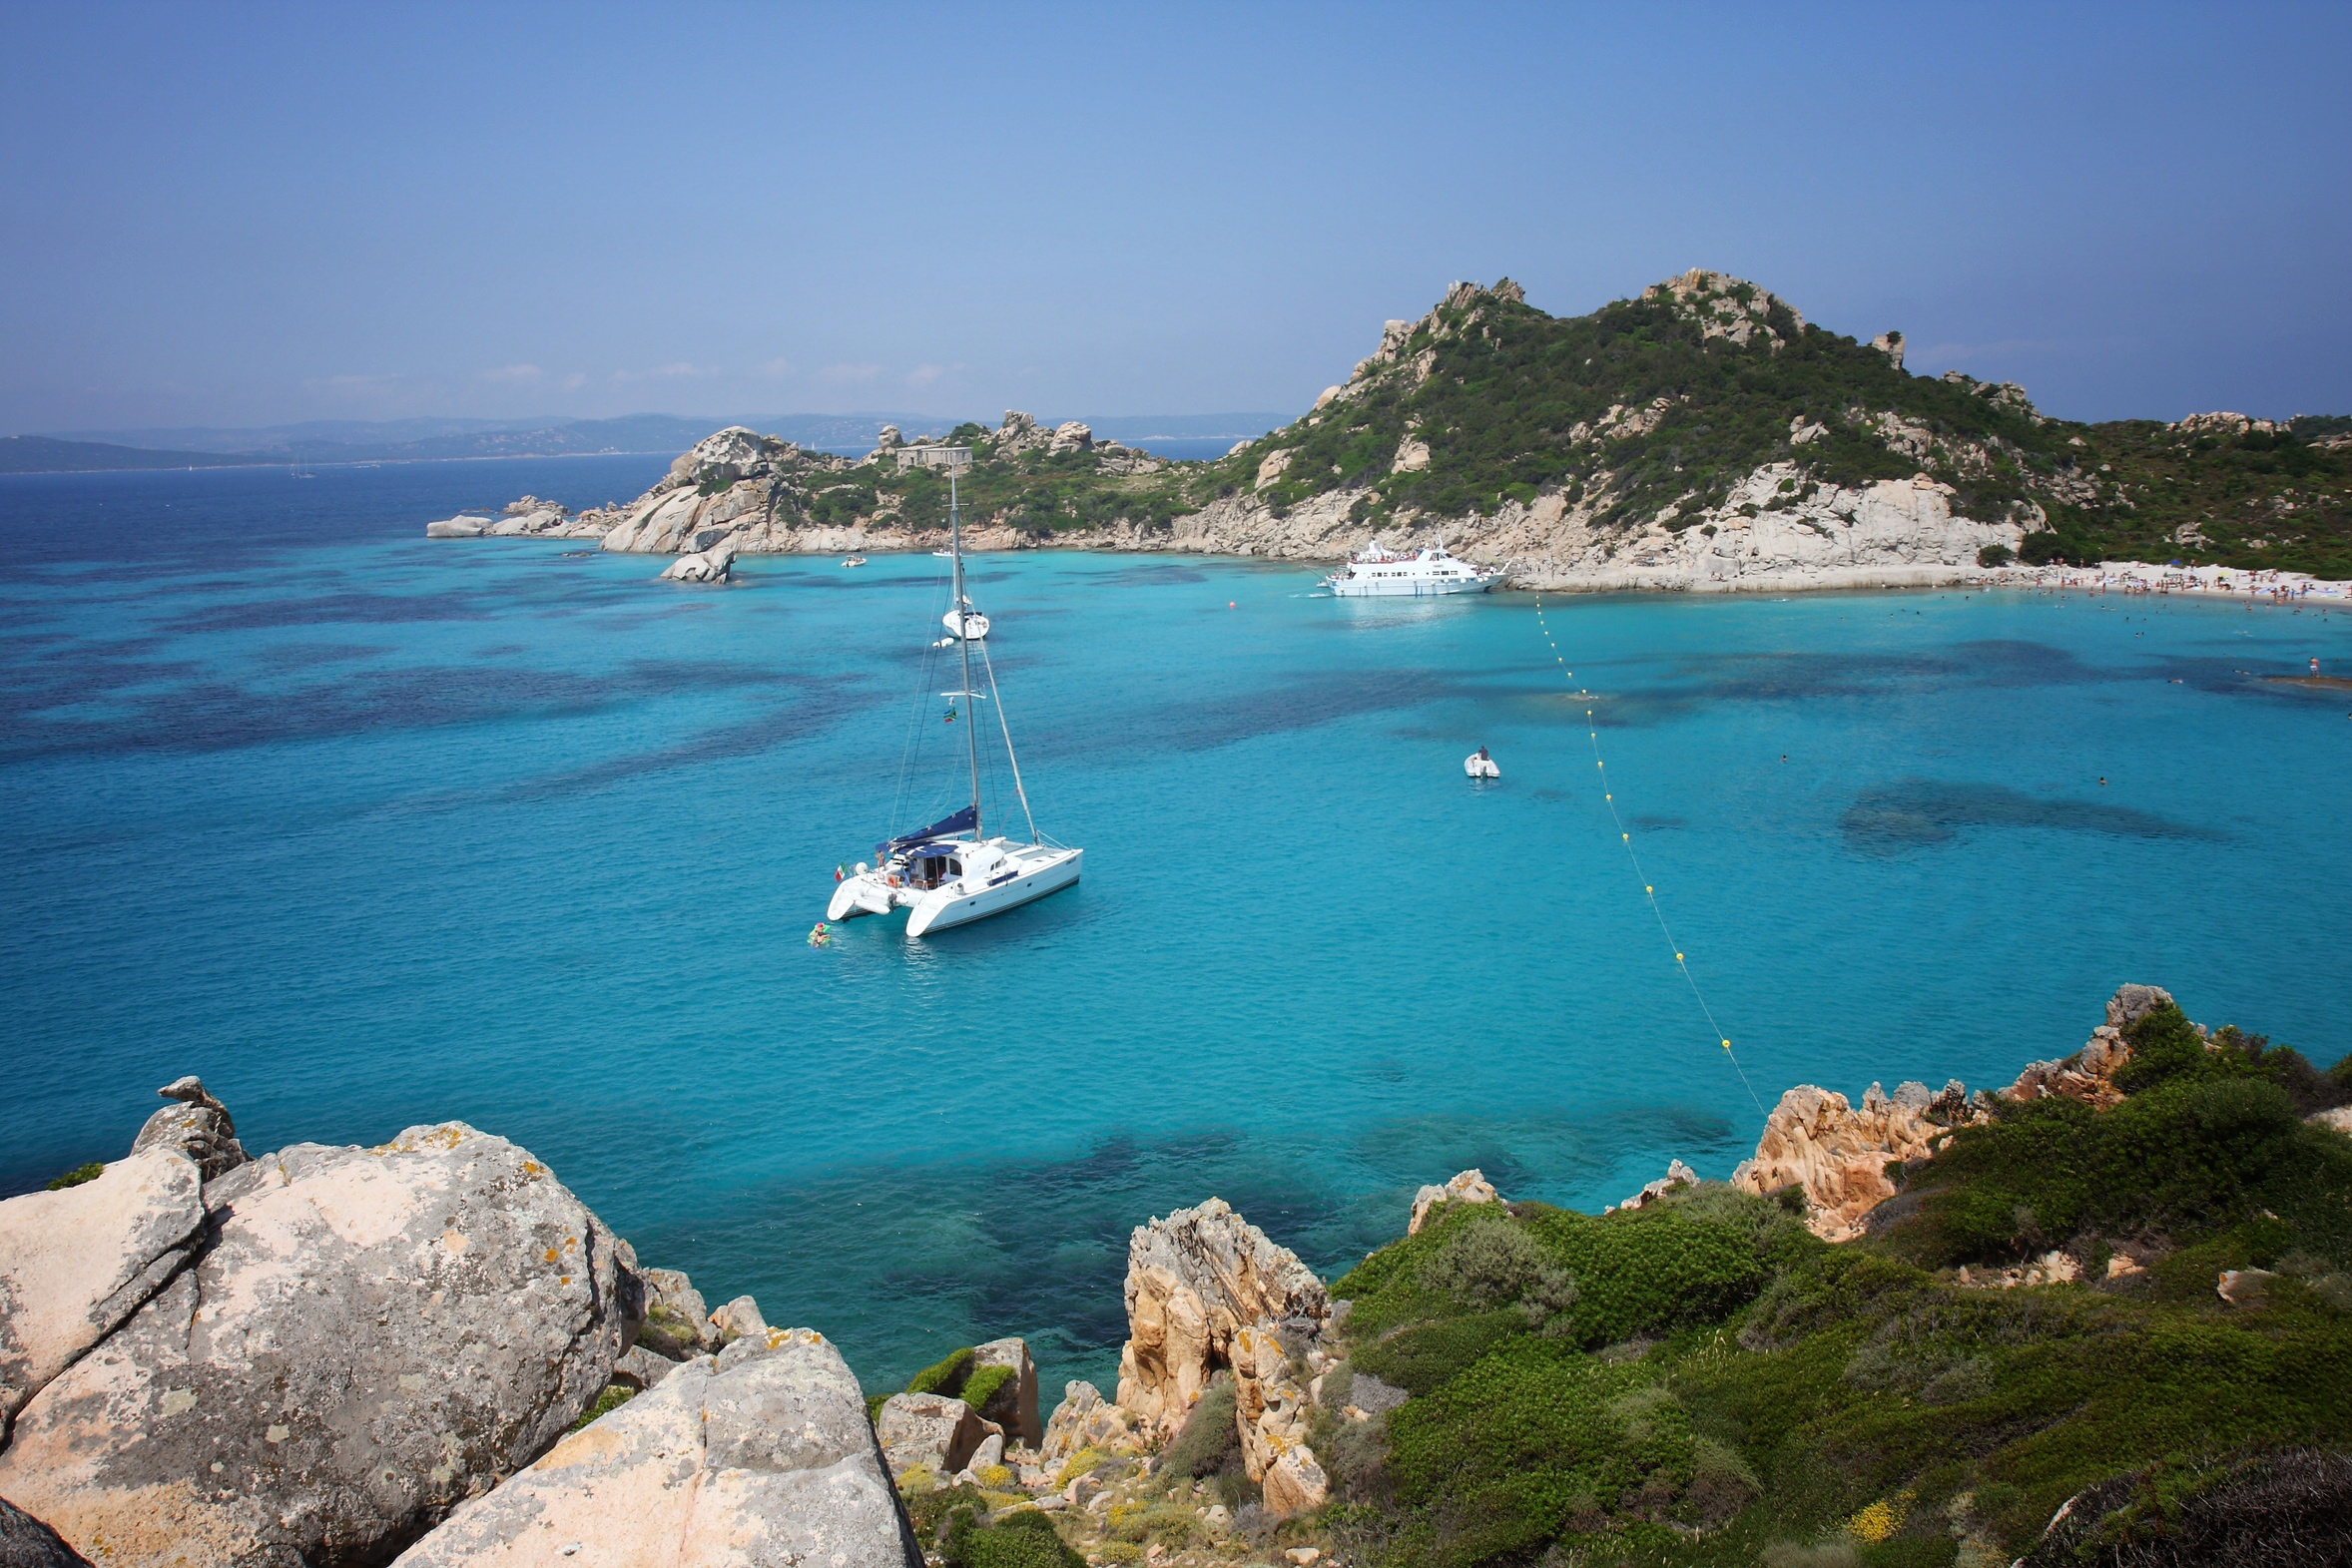 Sardegna: la bellezza di un luogo incontaminato... la Costa Smeralda